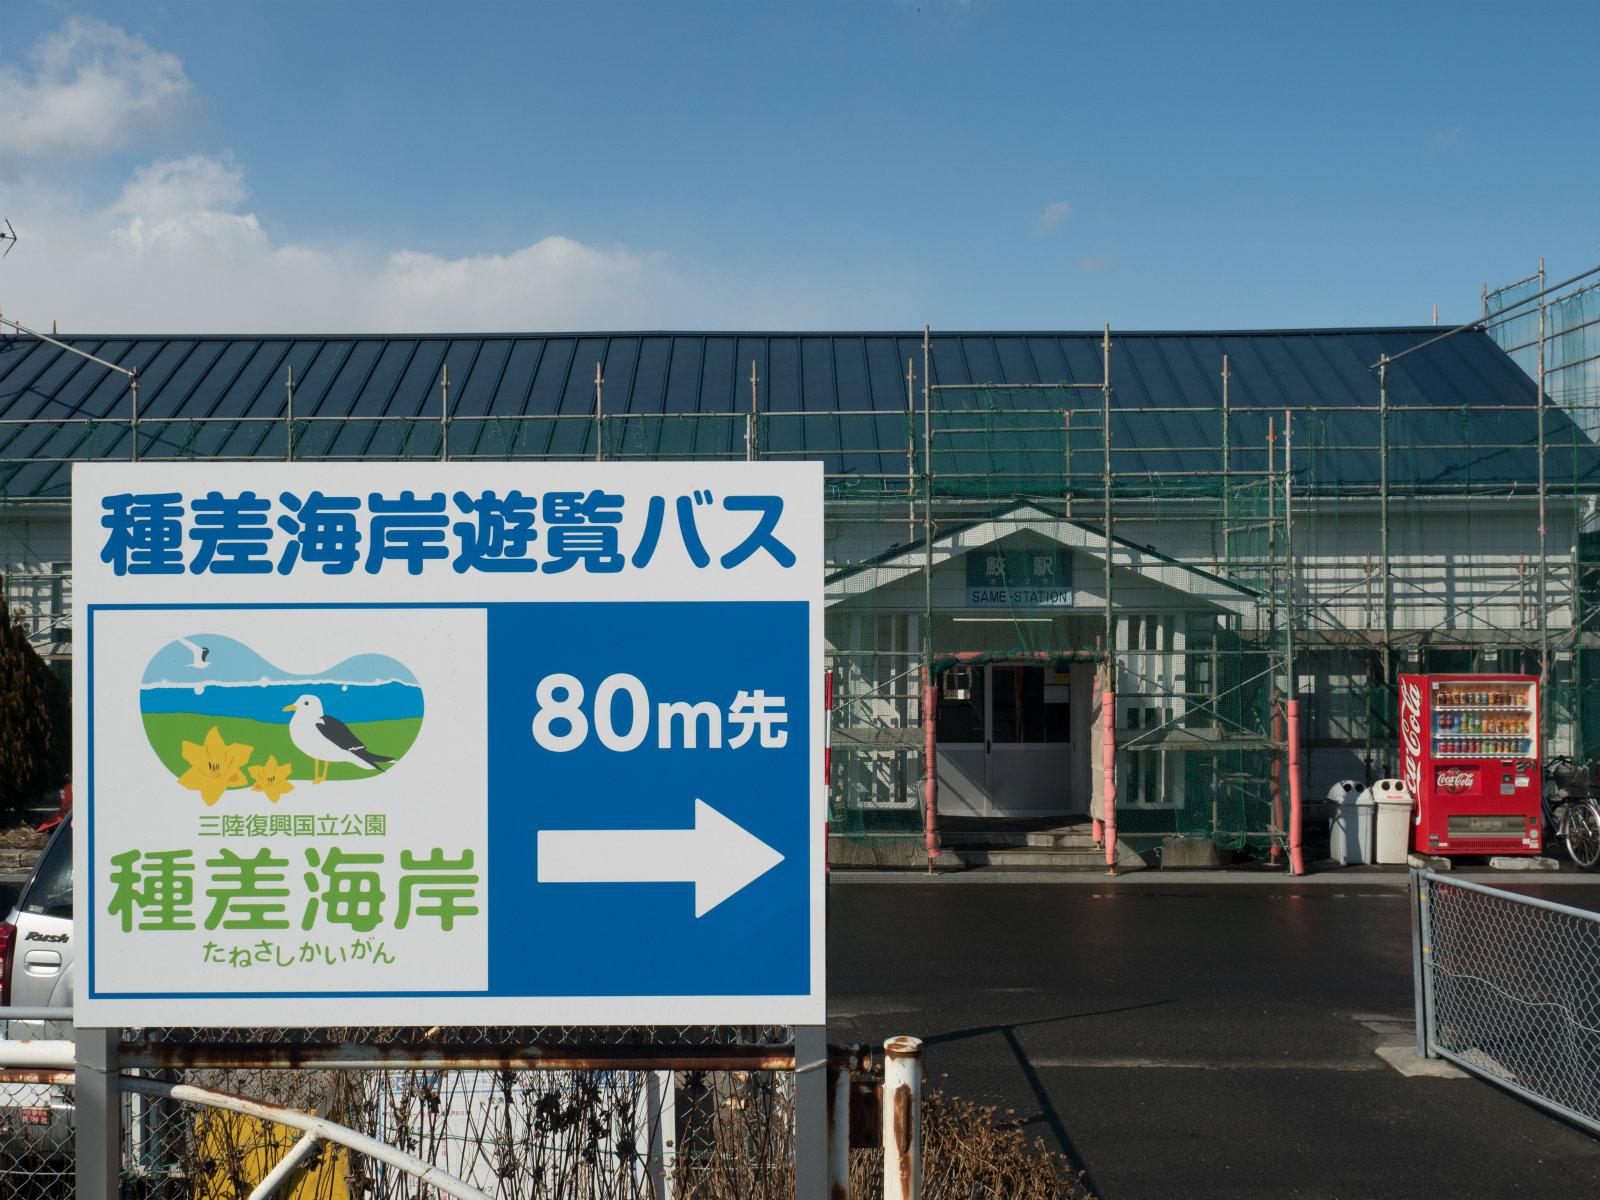 鮫駅前にある、種差海岸遊覧バスの看板